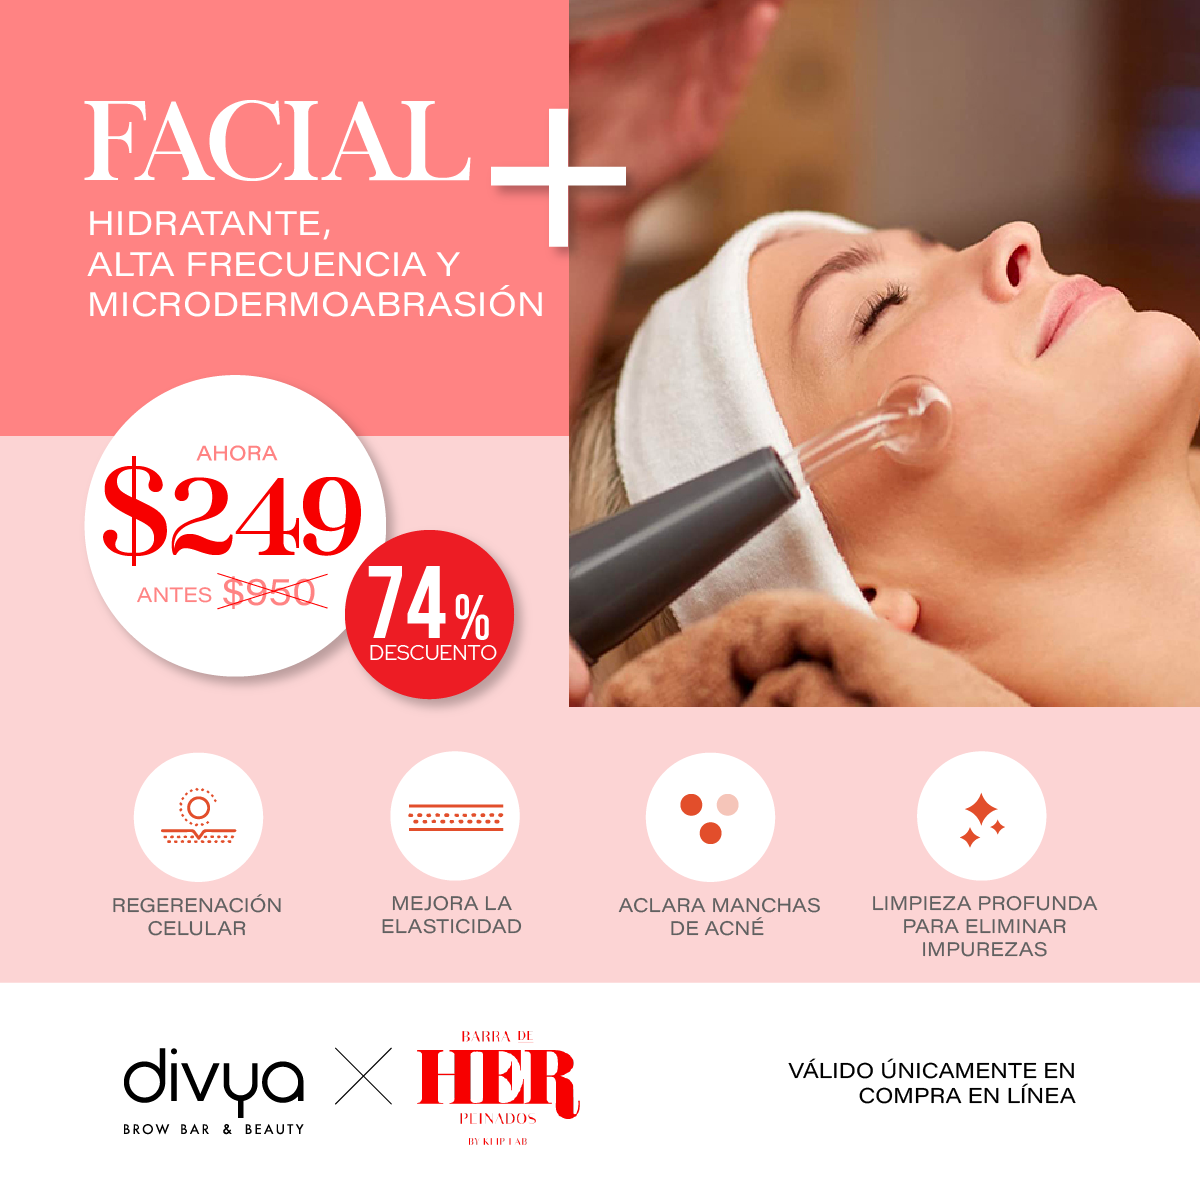 Facial + Microdermobrasión y Alta Frecuencia- SÓLO DIVYA X HER&w=900&h=900&fit=crop